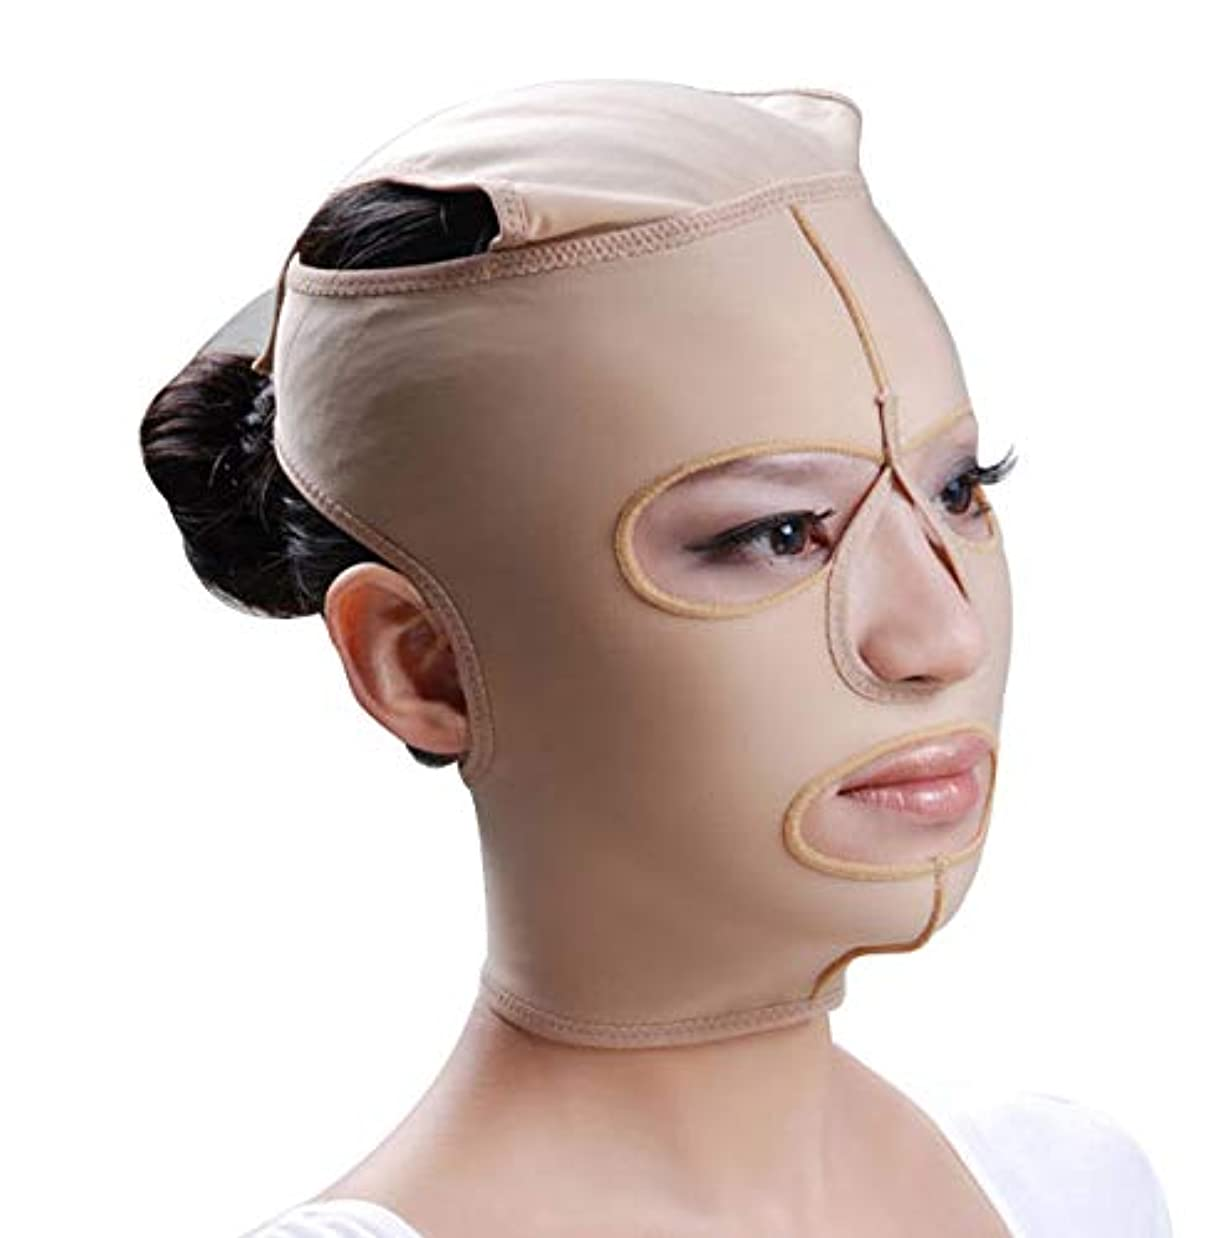 マイクきらきら適度にGLJJQMY ファーミングマスクマスク弾性表面リフティングファーミングパターンマイクロフィニッシングモデリング圧縮マスク 顔用整形マスク (Size : S)